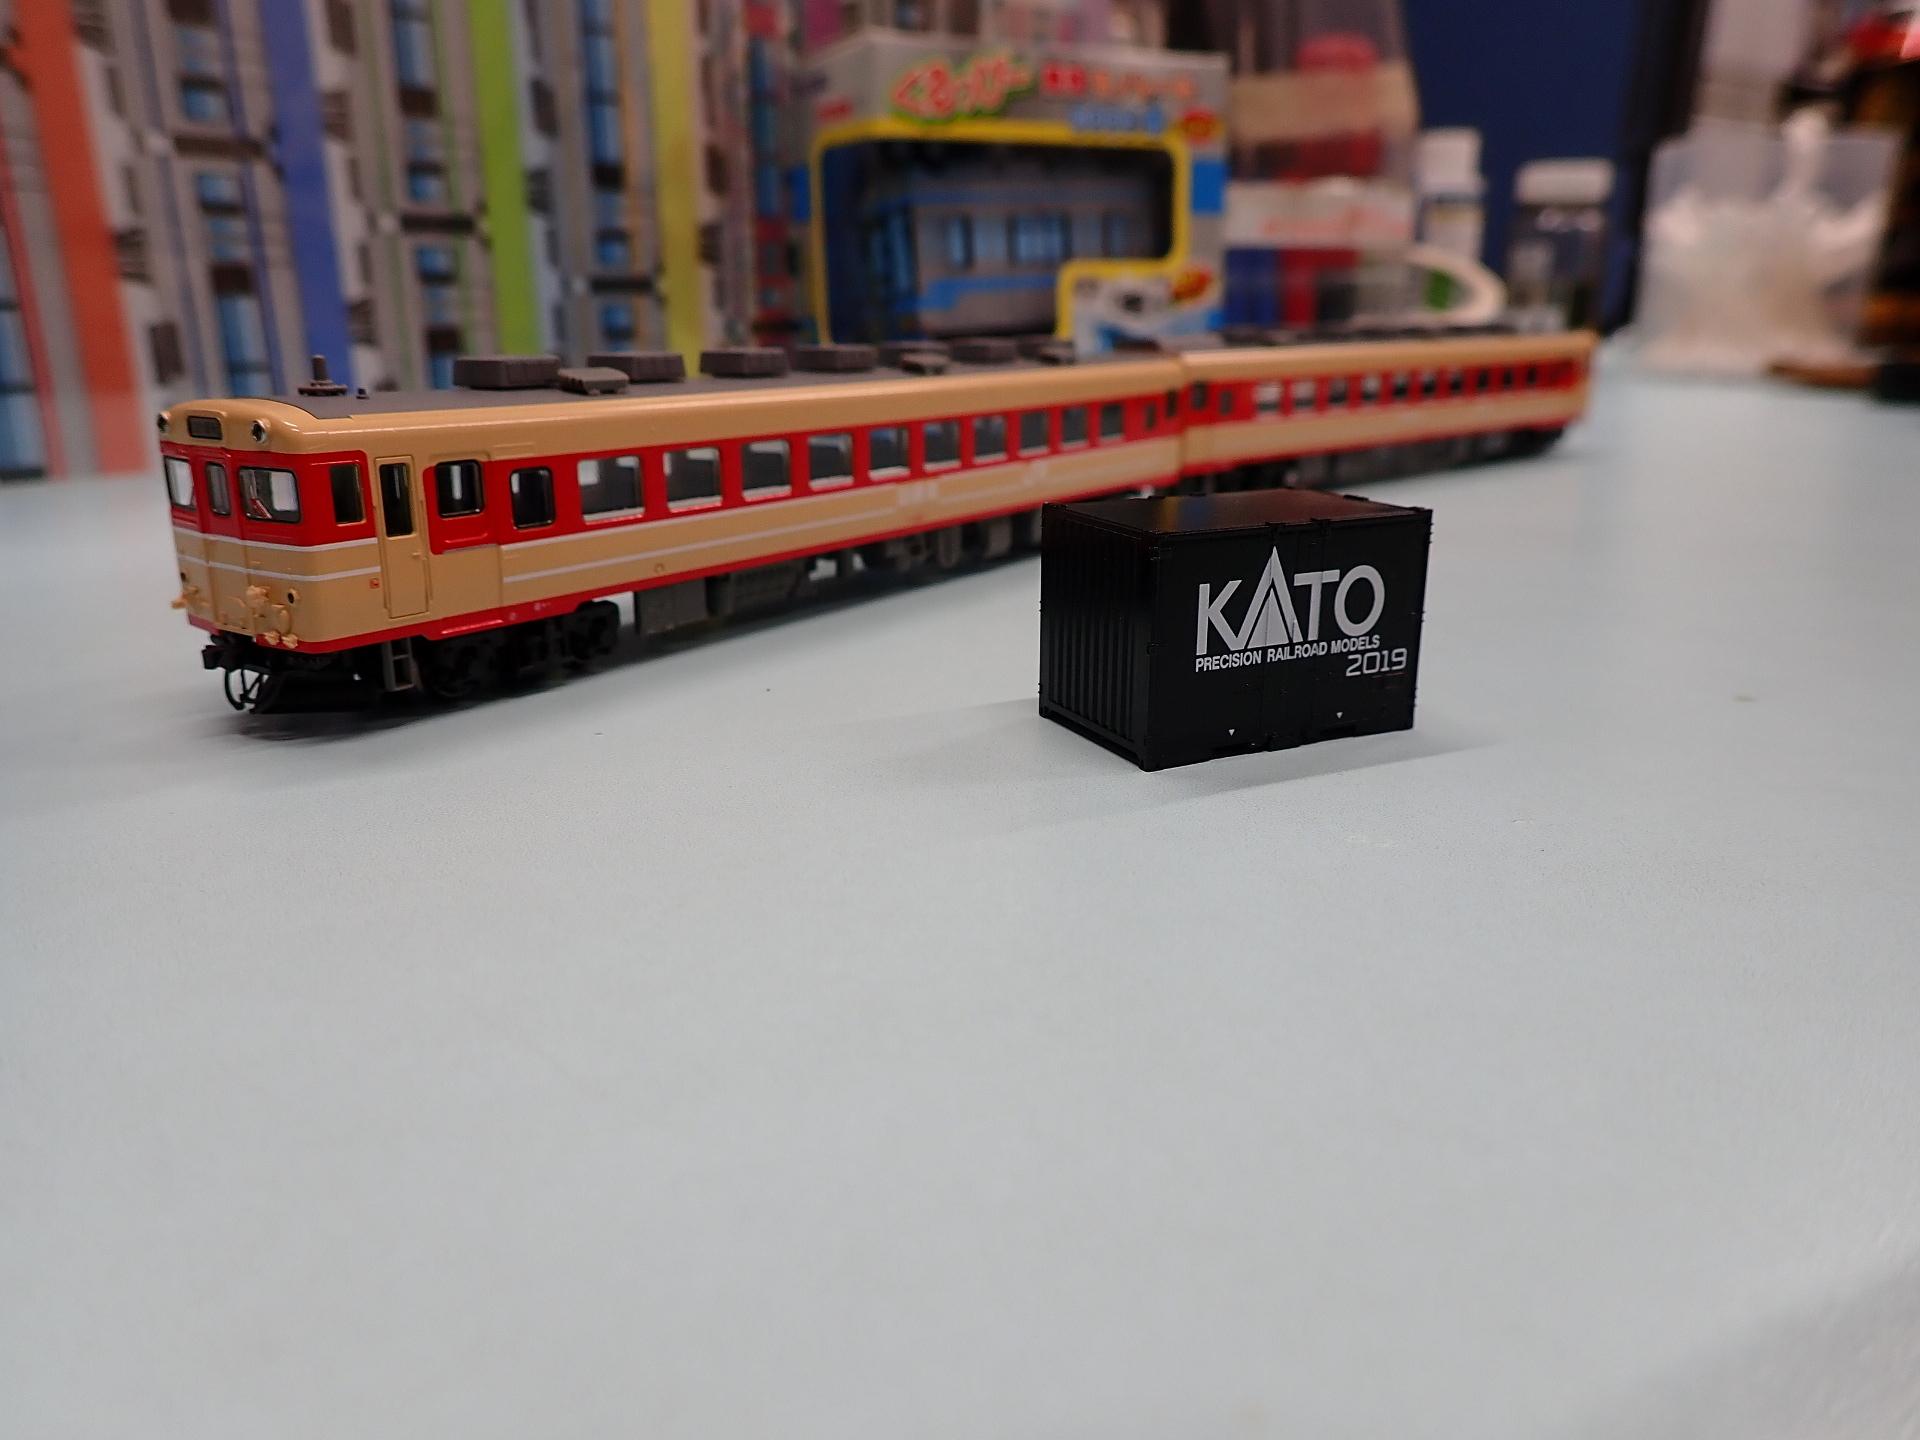 キヤ28と来場記念コンテナ。